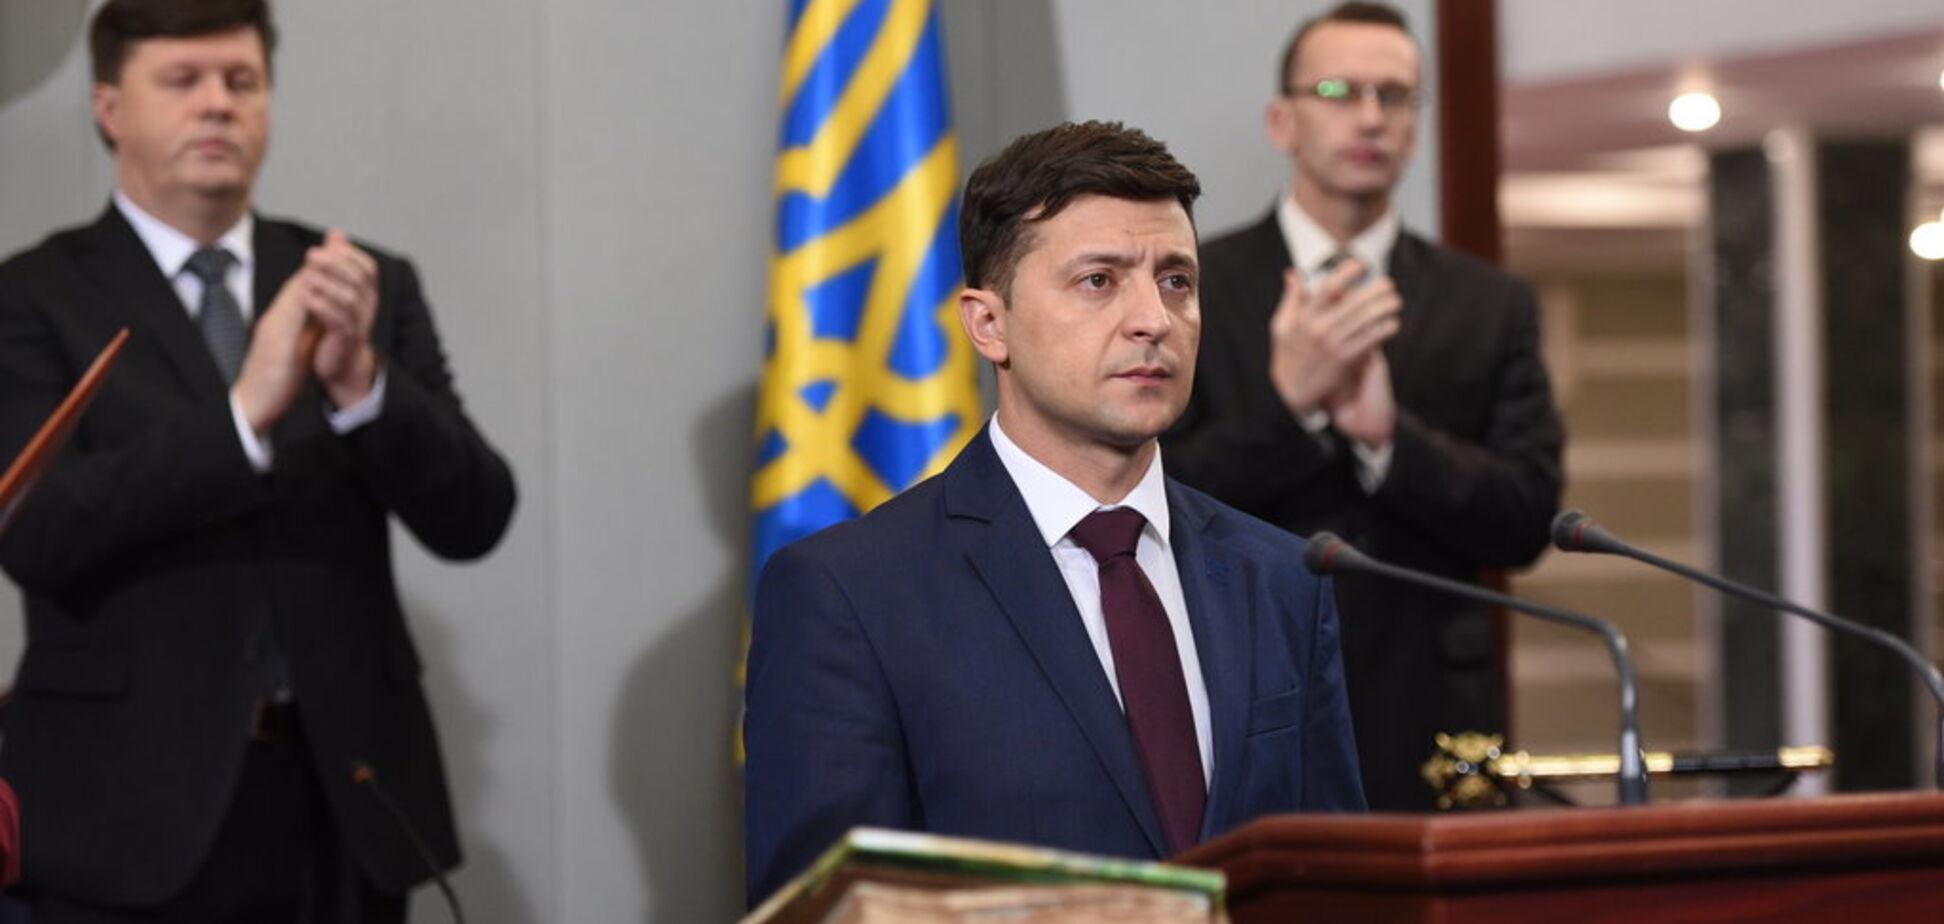 Зеленский  вызвал ажиотаж ''репетицией'' инаугурации: появились эксклюзивные фото